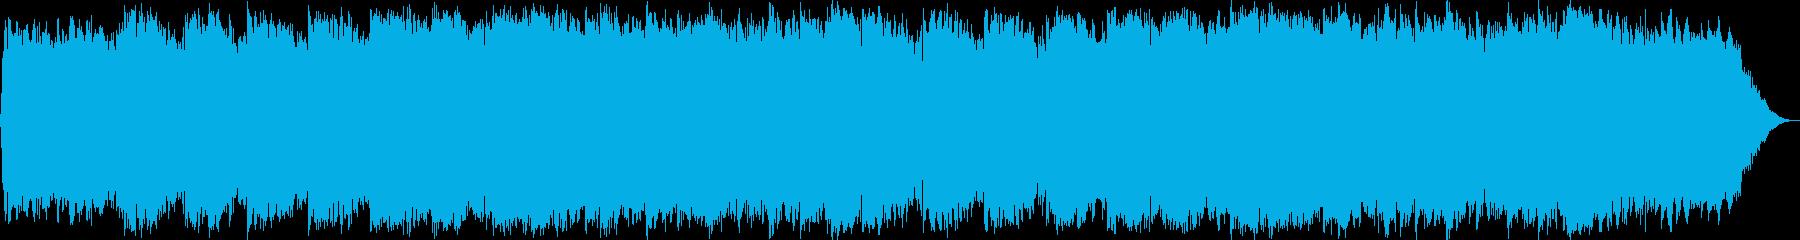 壮大で神秘的なベルとシンセが響くインストの再生済みの波形